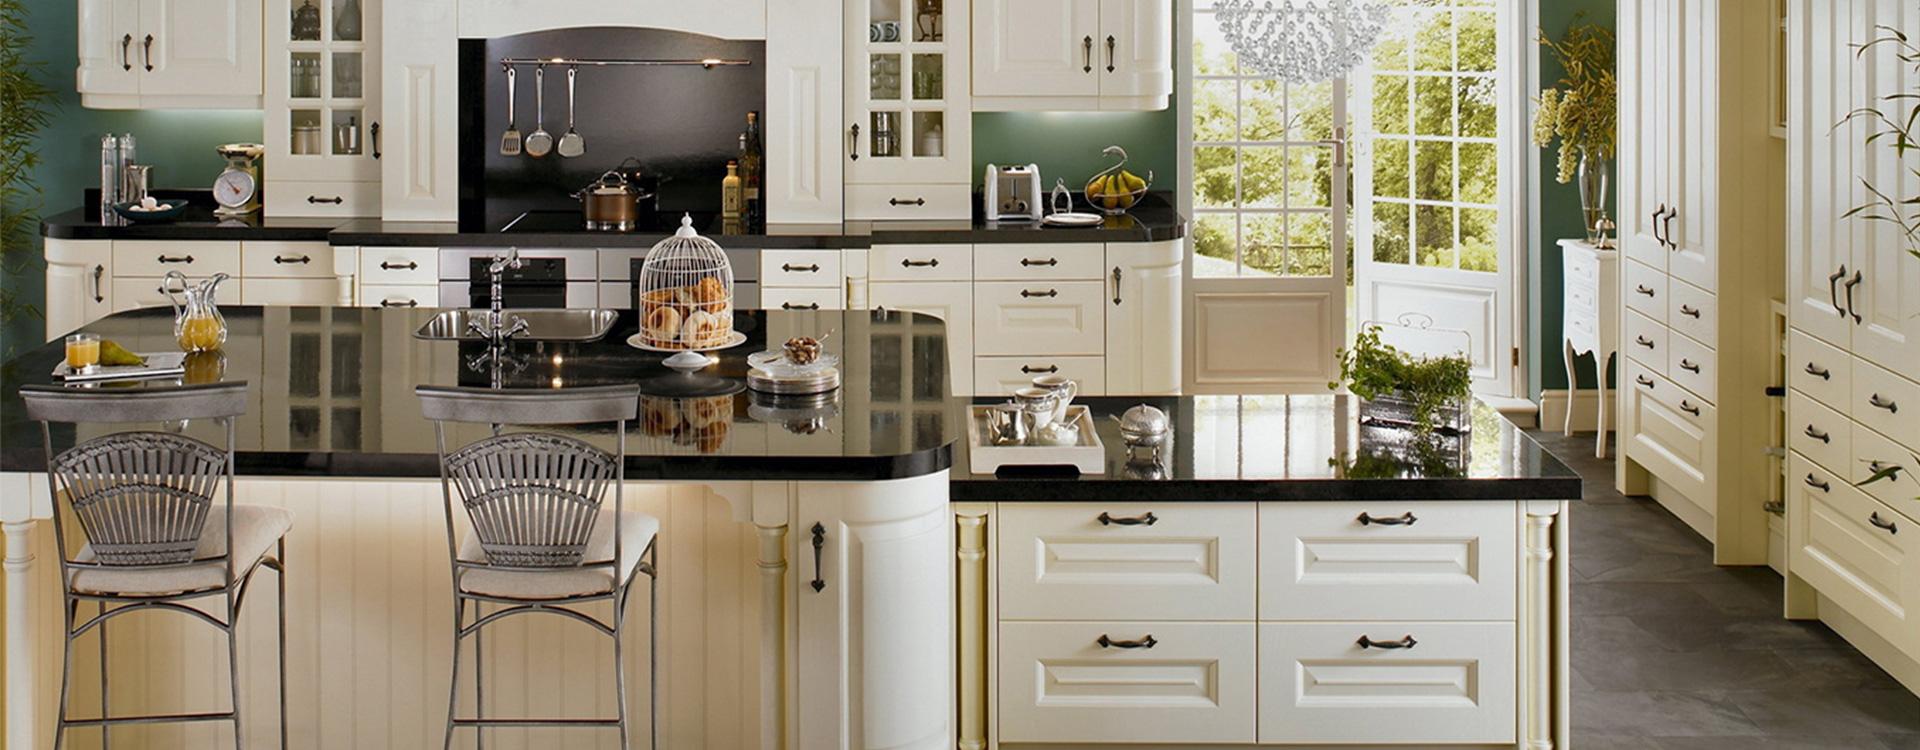 Merlok Aluminium Modular Kitchen coimbatore2